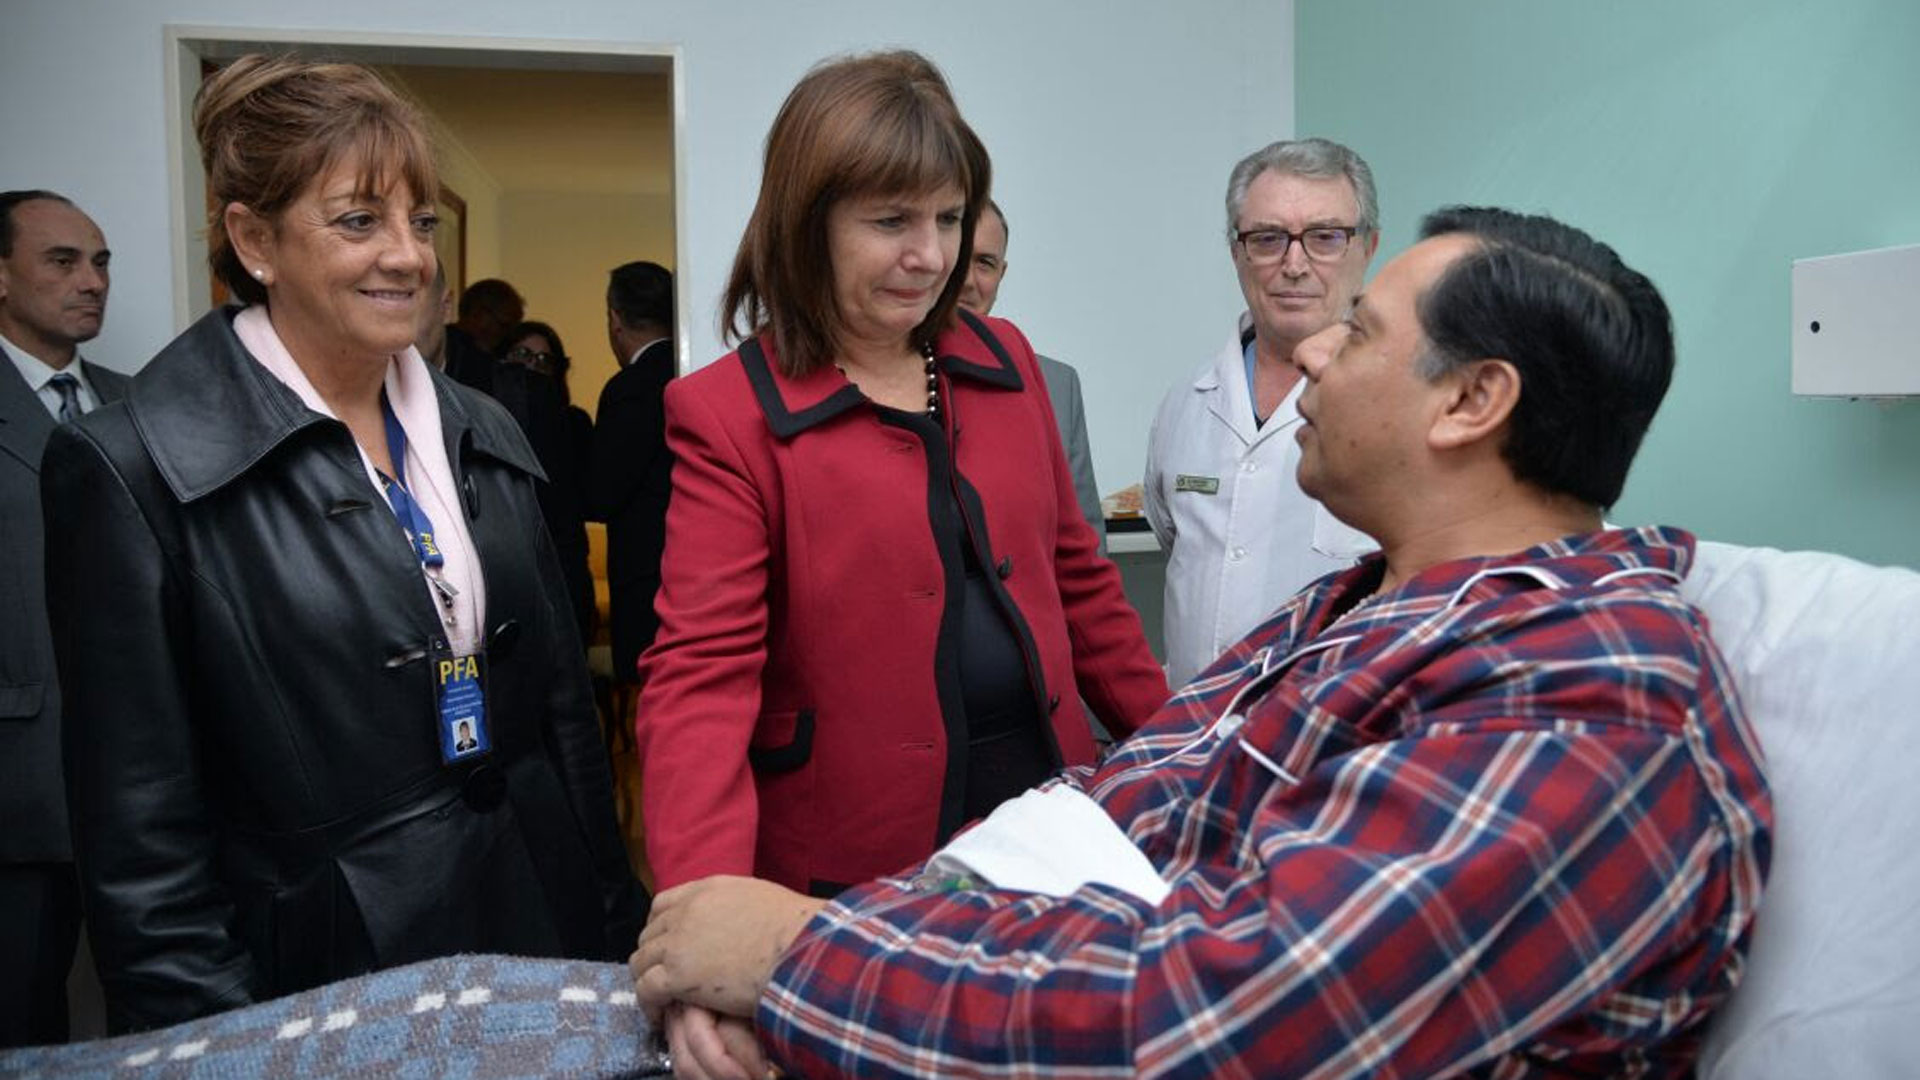 Santos Díaz recibió en el hospital Churruca, donde peleó por su vida, las visitas del Presidente Mauricio Macri y la ministra de Seguridad de la Nación Patricia Bullrich